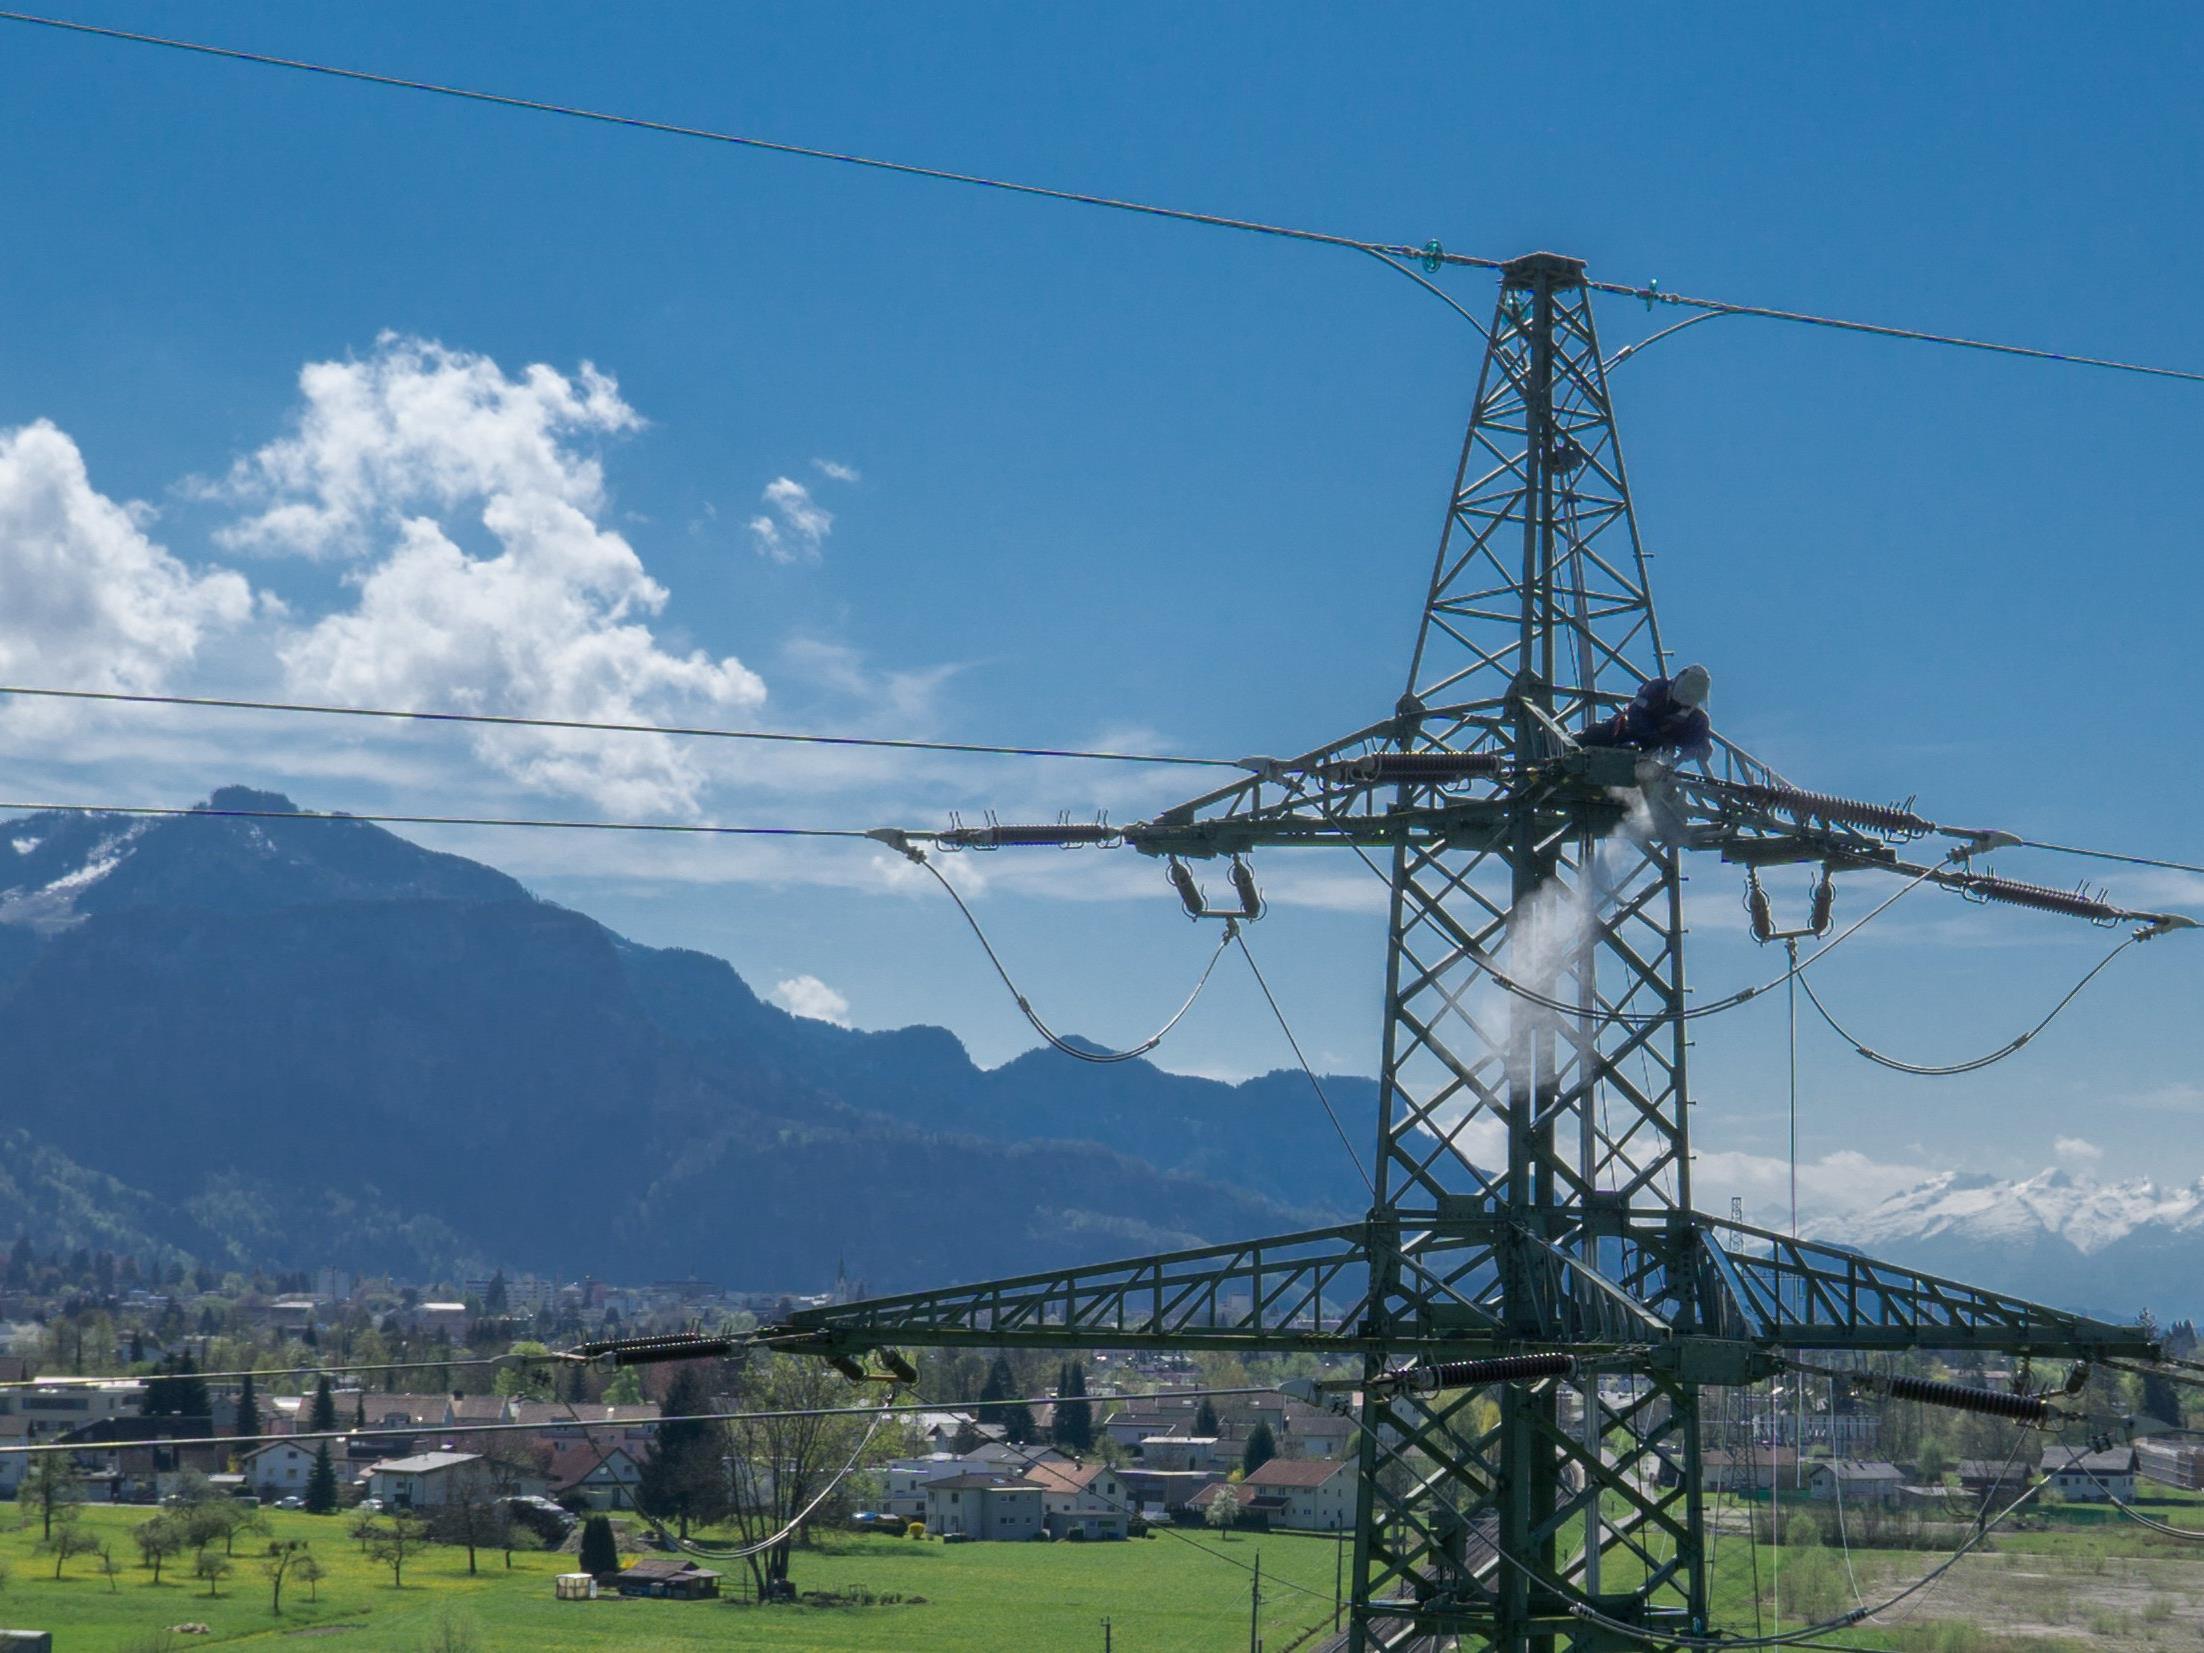 Wartungsarbeiten am Strommasten - Ein Job in luftiger Höhe.